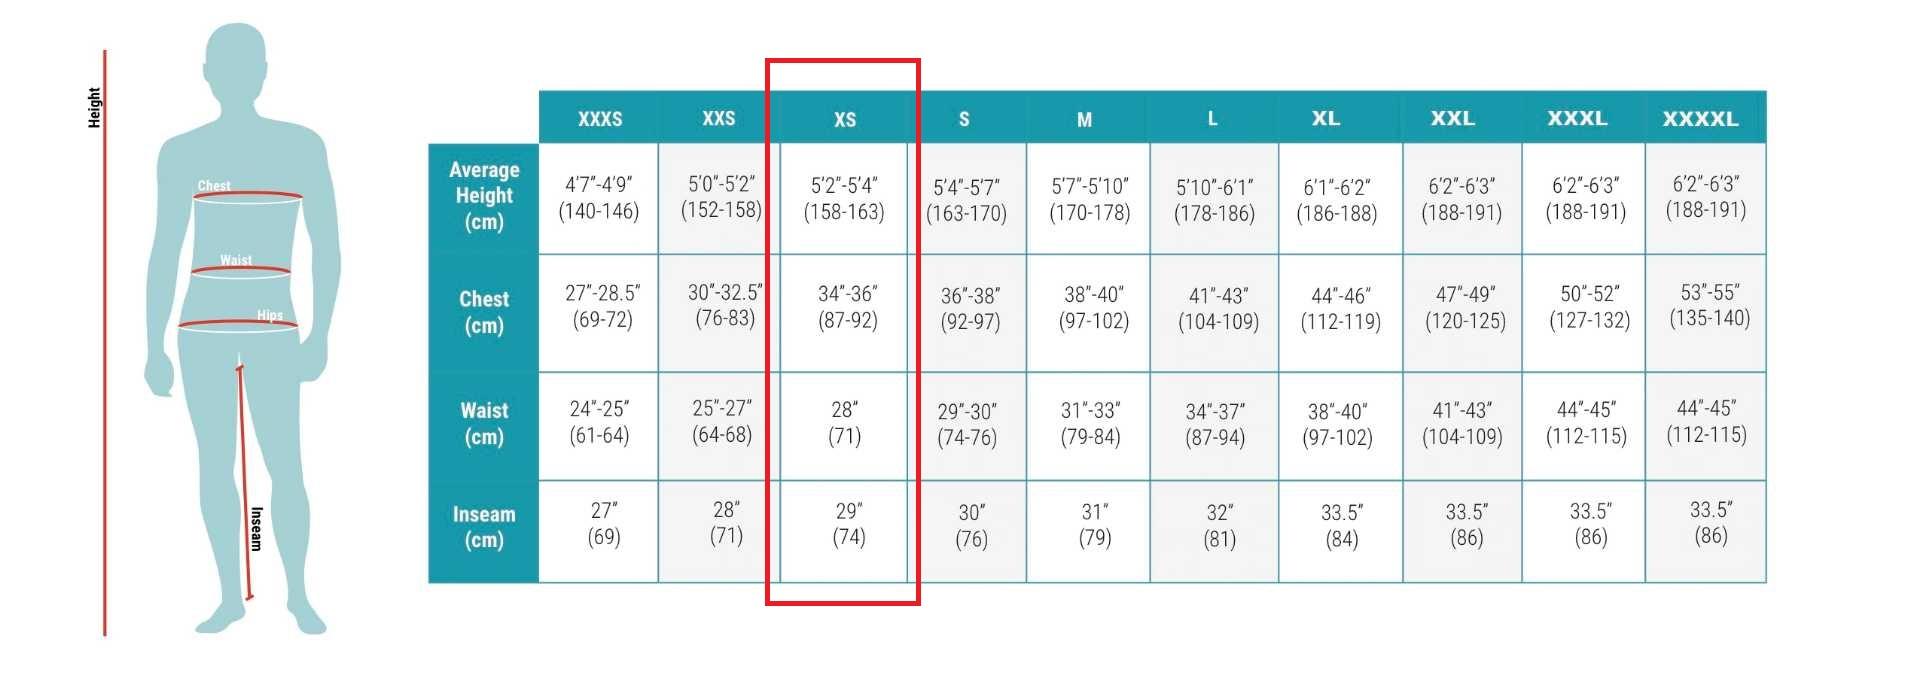 gill-size-chart-juniorxl-xs-edits.jpg